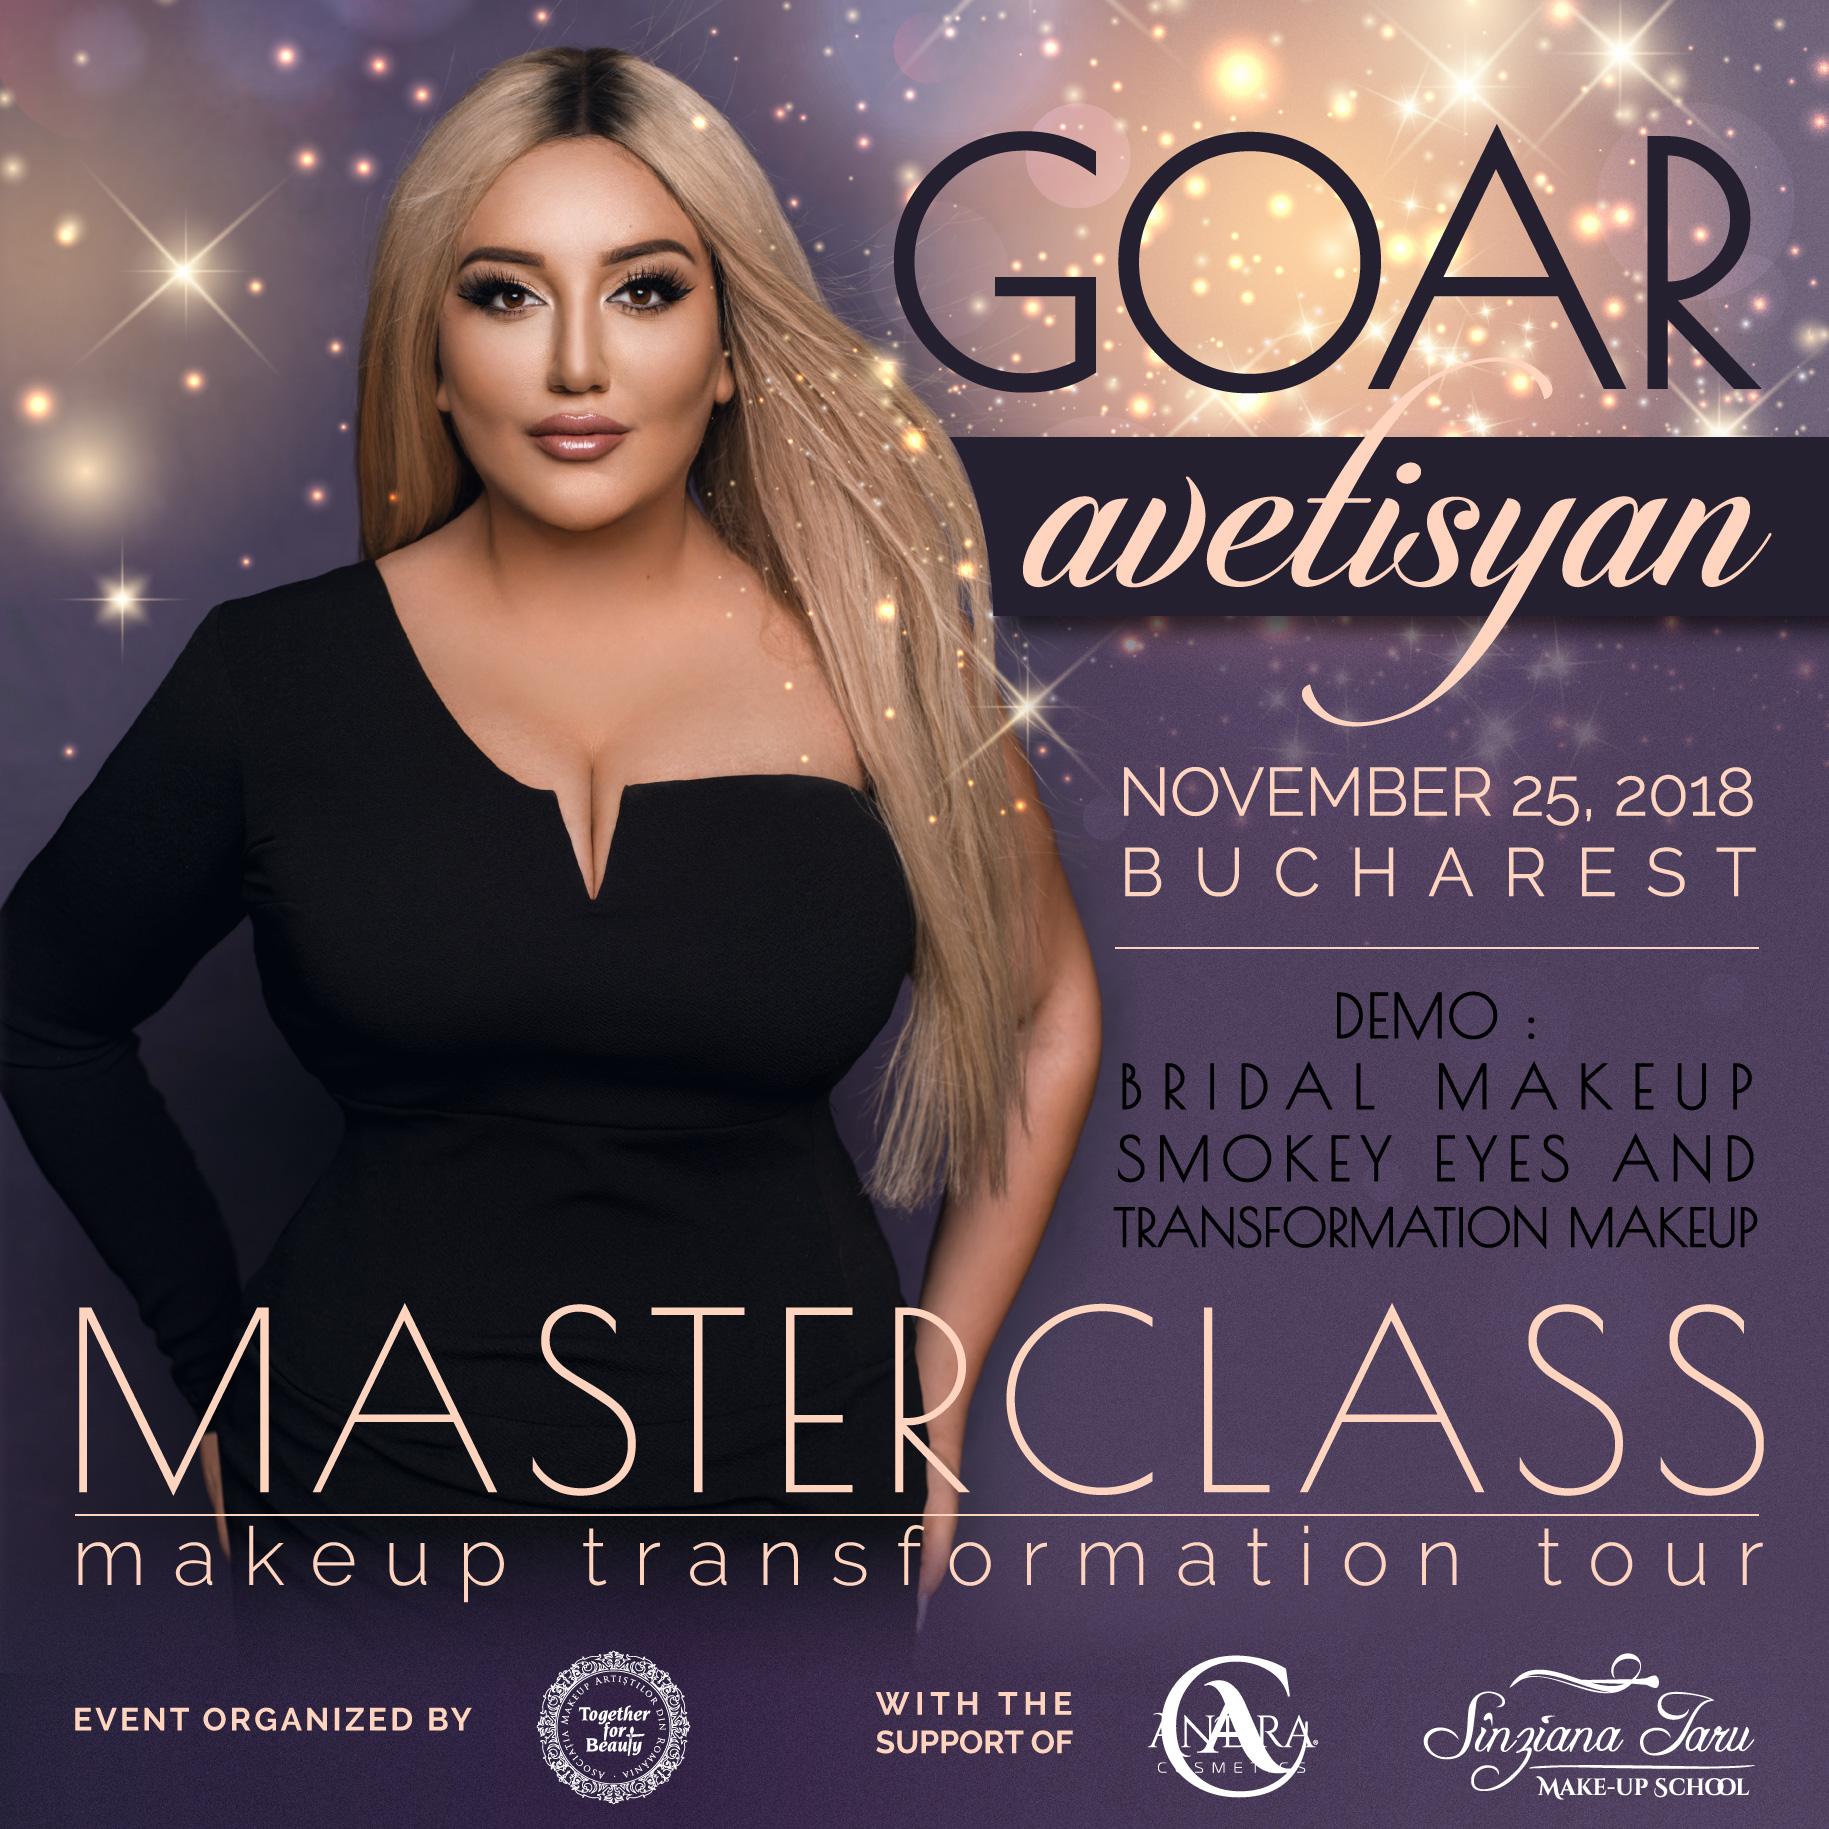 goar-avetisyan-instagram-post